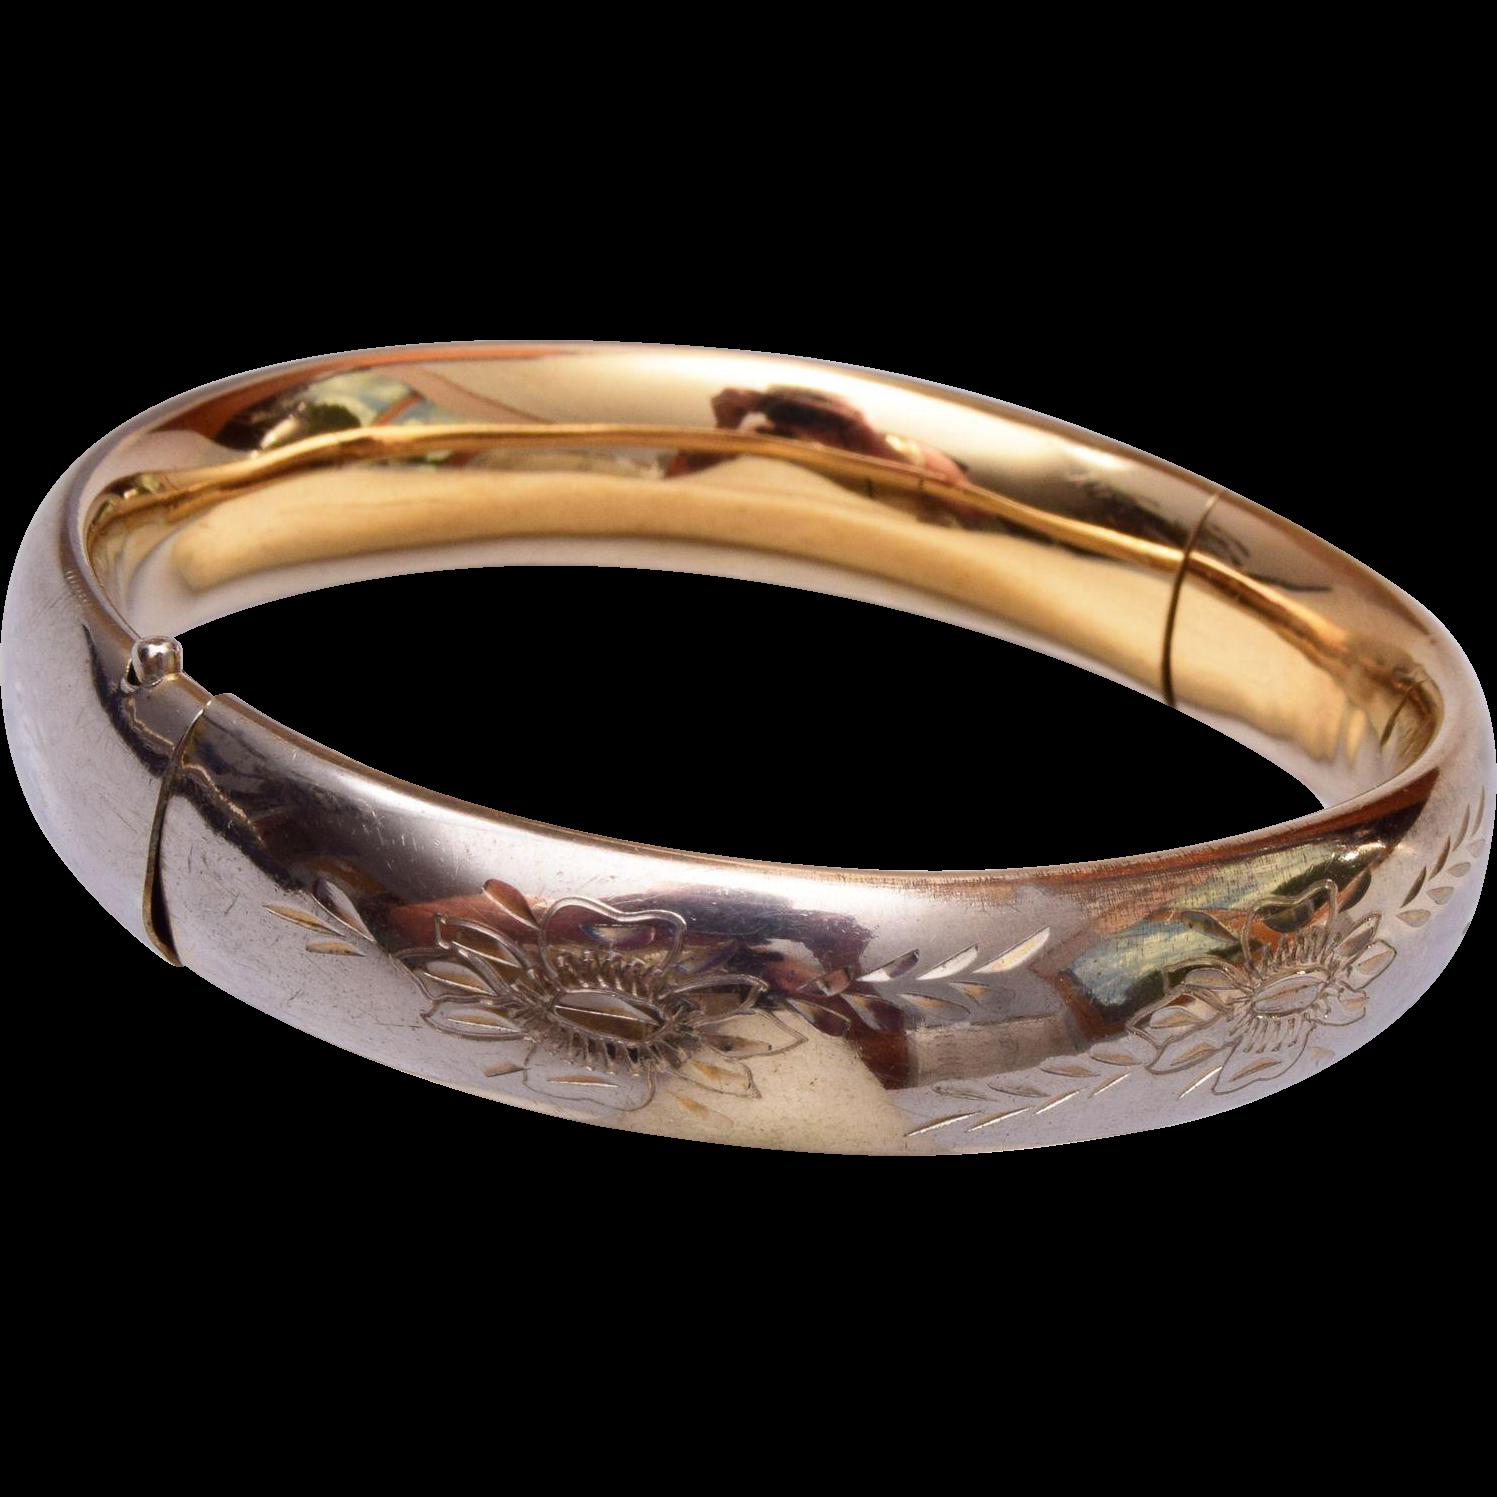 12kt Gold Filled Hinged Bangle Bracelet